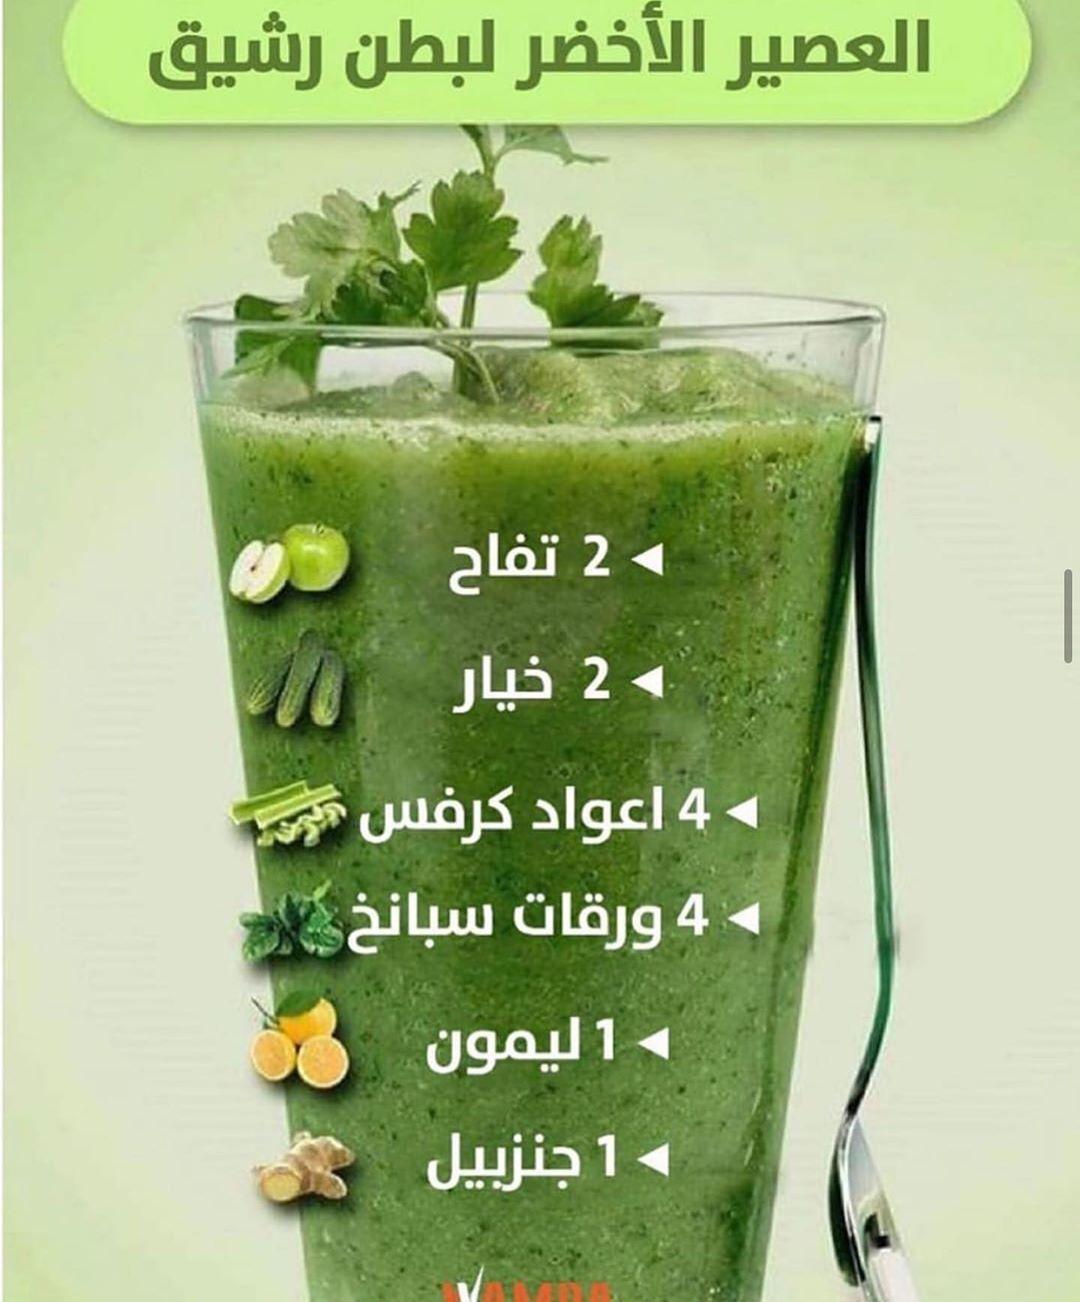 اللهم ارزق متابعيني سعادة الدنيا ونعيم الاخره Health Fitness Food Healthy Drinks Smoothies Health Fitness Nutrition